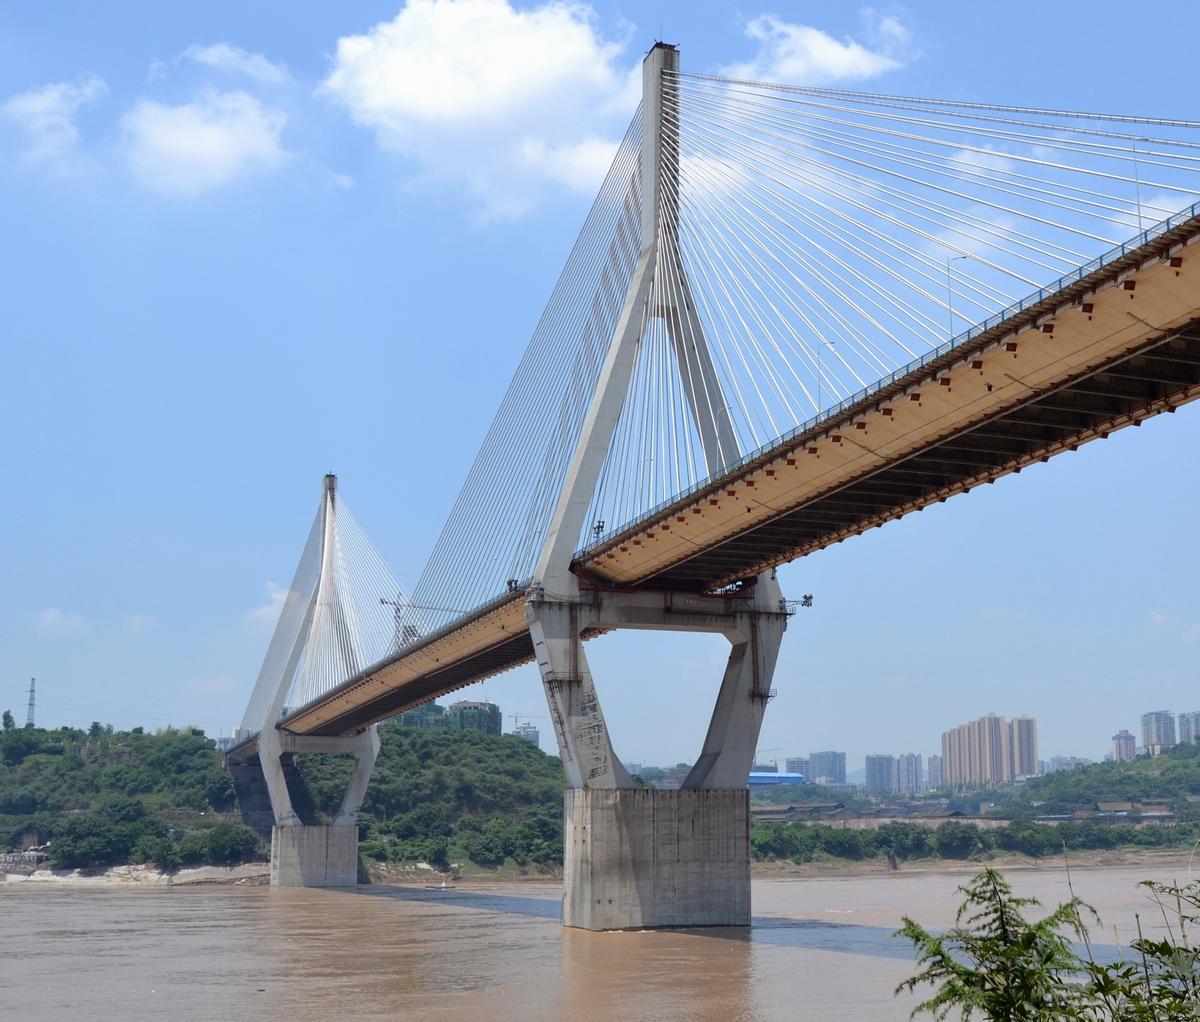 Masangxi Bridge